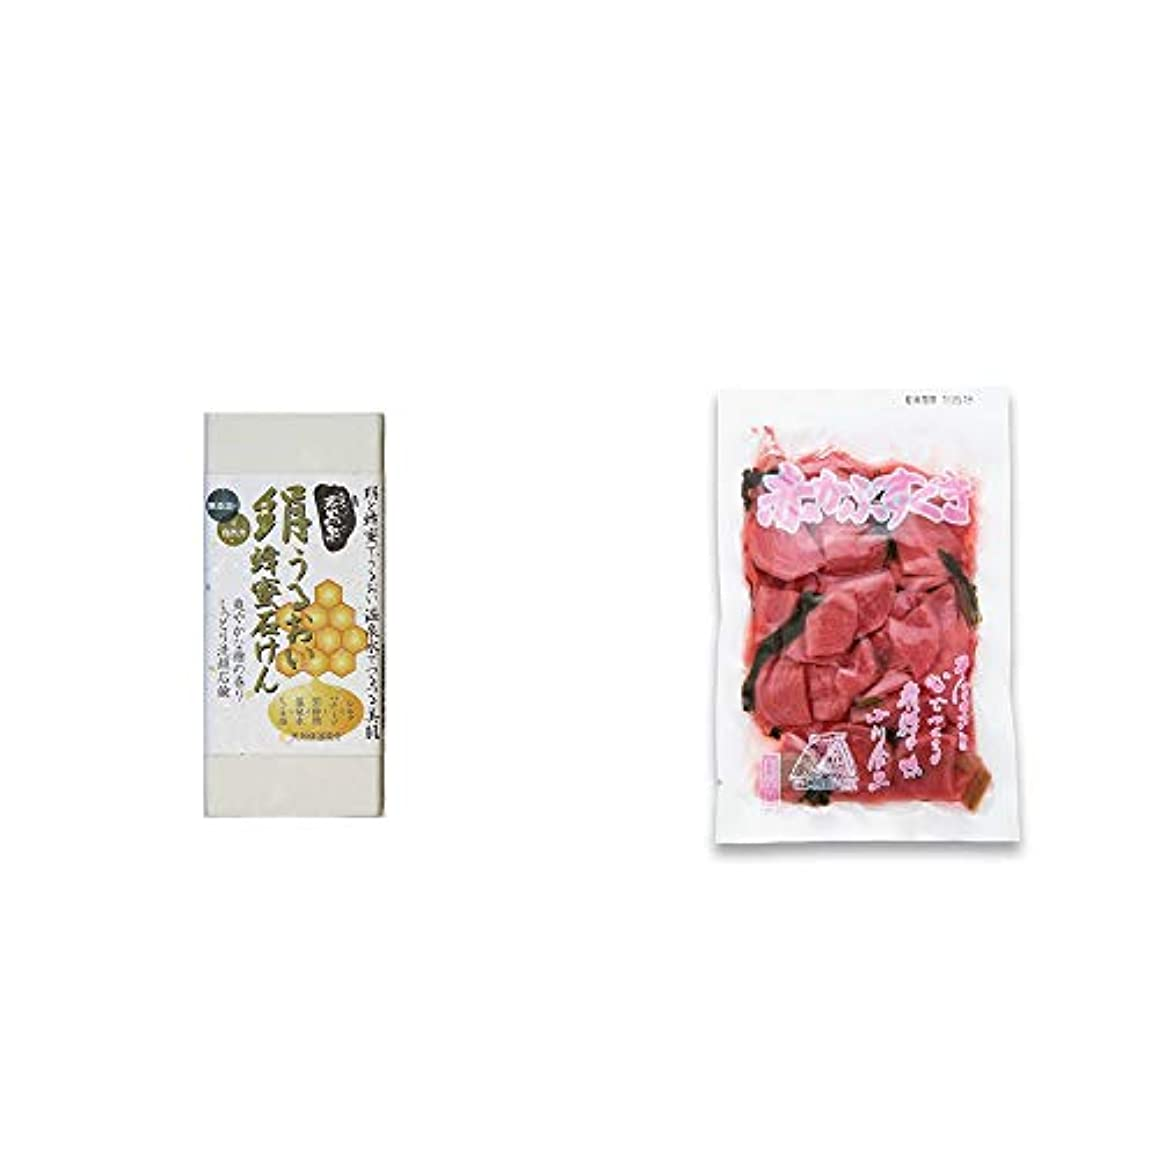 イル正確に検索エンジンマーケティング[2点セット] ひのき炭黒泉 絹うるおい蜂蜜石けん(75g×2)?赤かぶすぐき(160g)